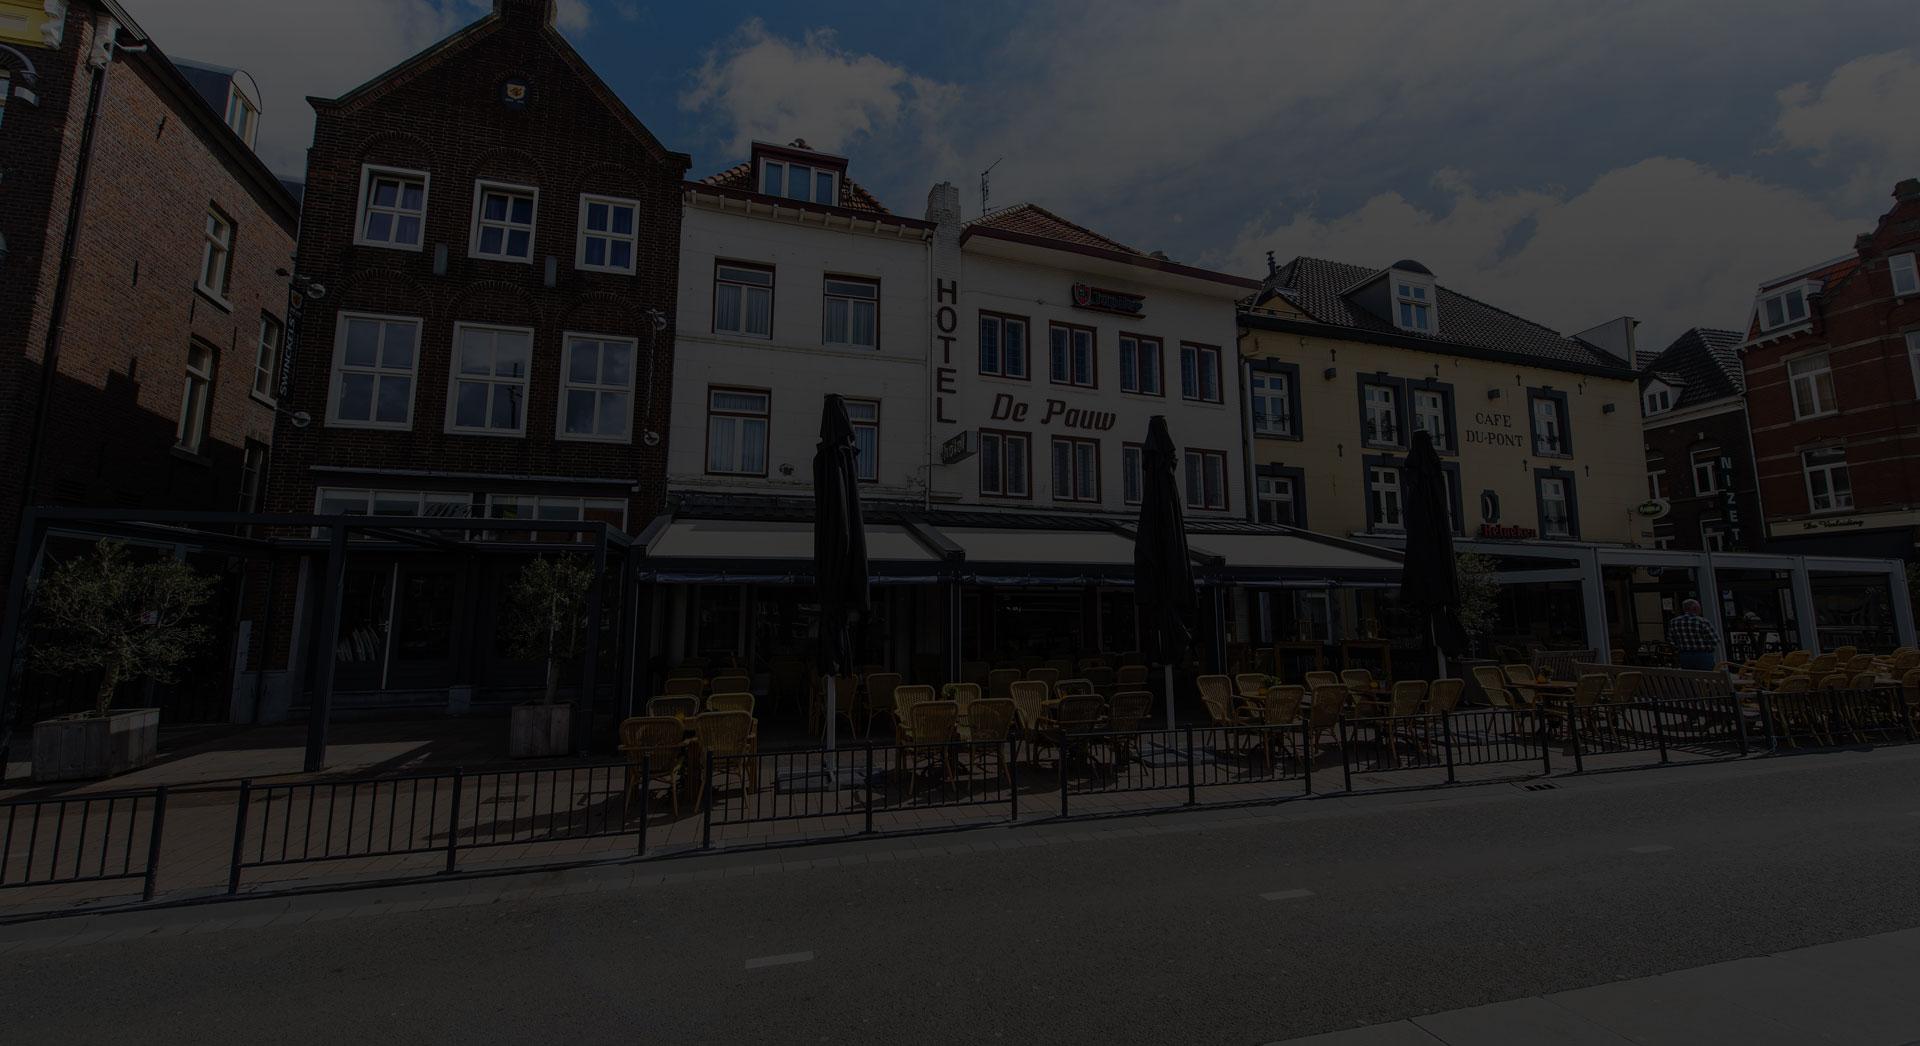 Entdecken Sie, was Roermond zu bieten hat.